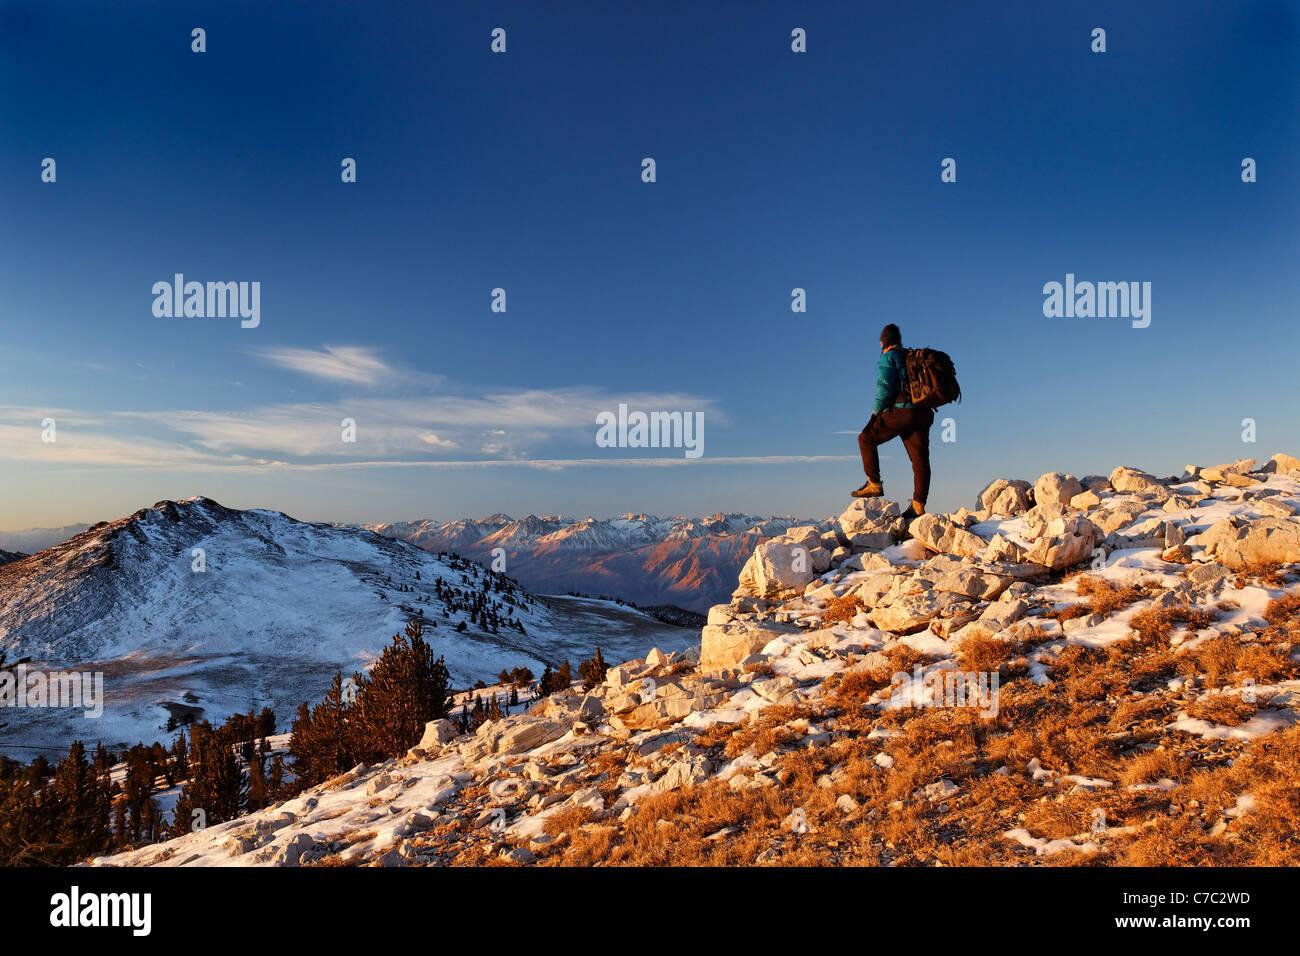 Excursionista macho en White Mountains (Montañas Sierra al amanecer en el fondo), el Bosque Nacional Inyo, White Mountains, California Foto de stock